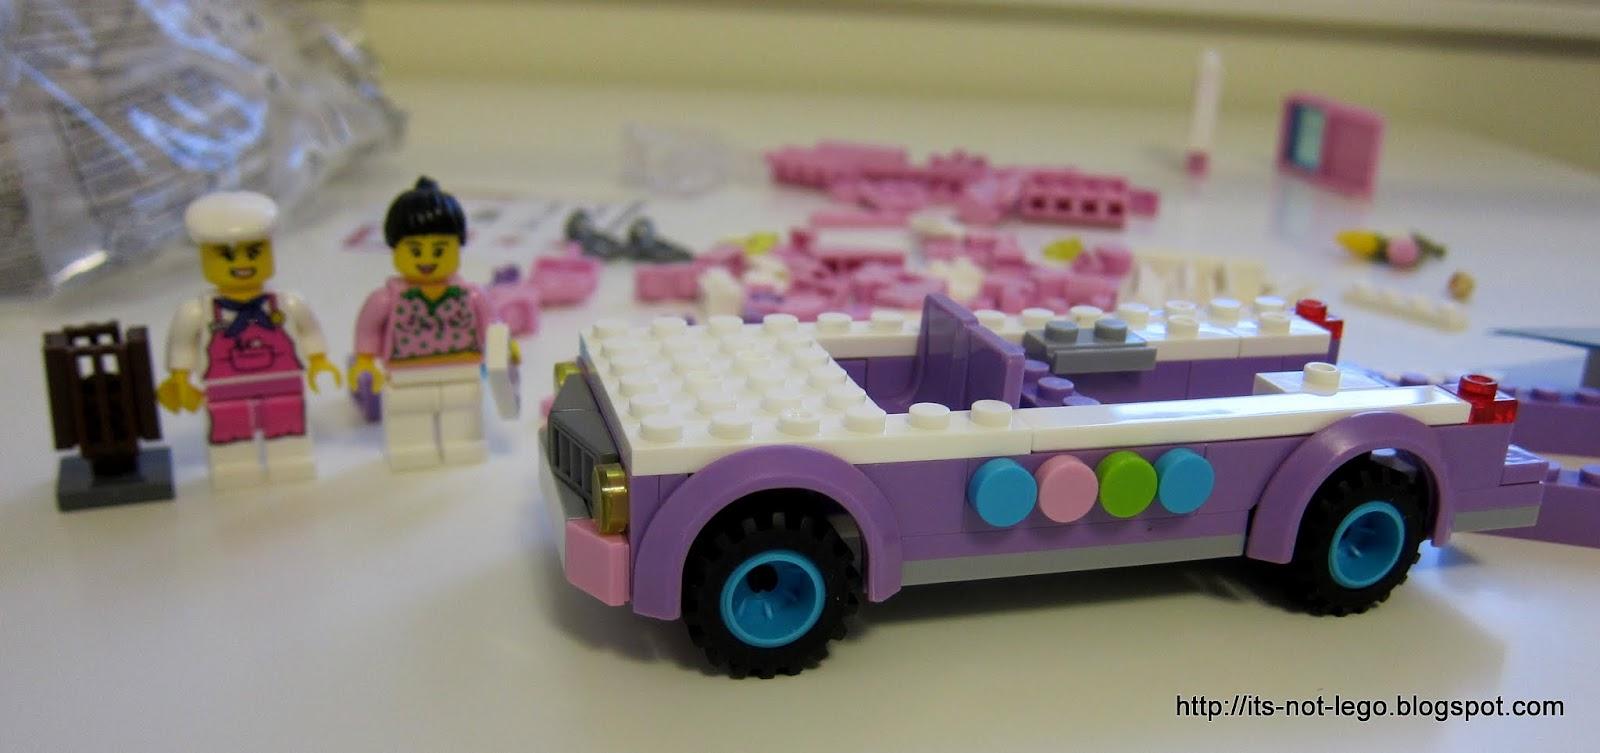 It's Not Lego!: Enlighten 1112 Ice Cream Truck set review